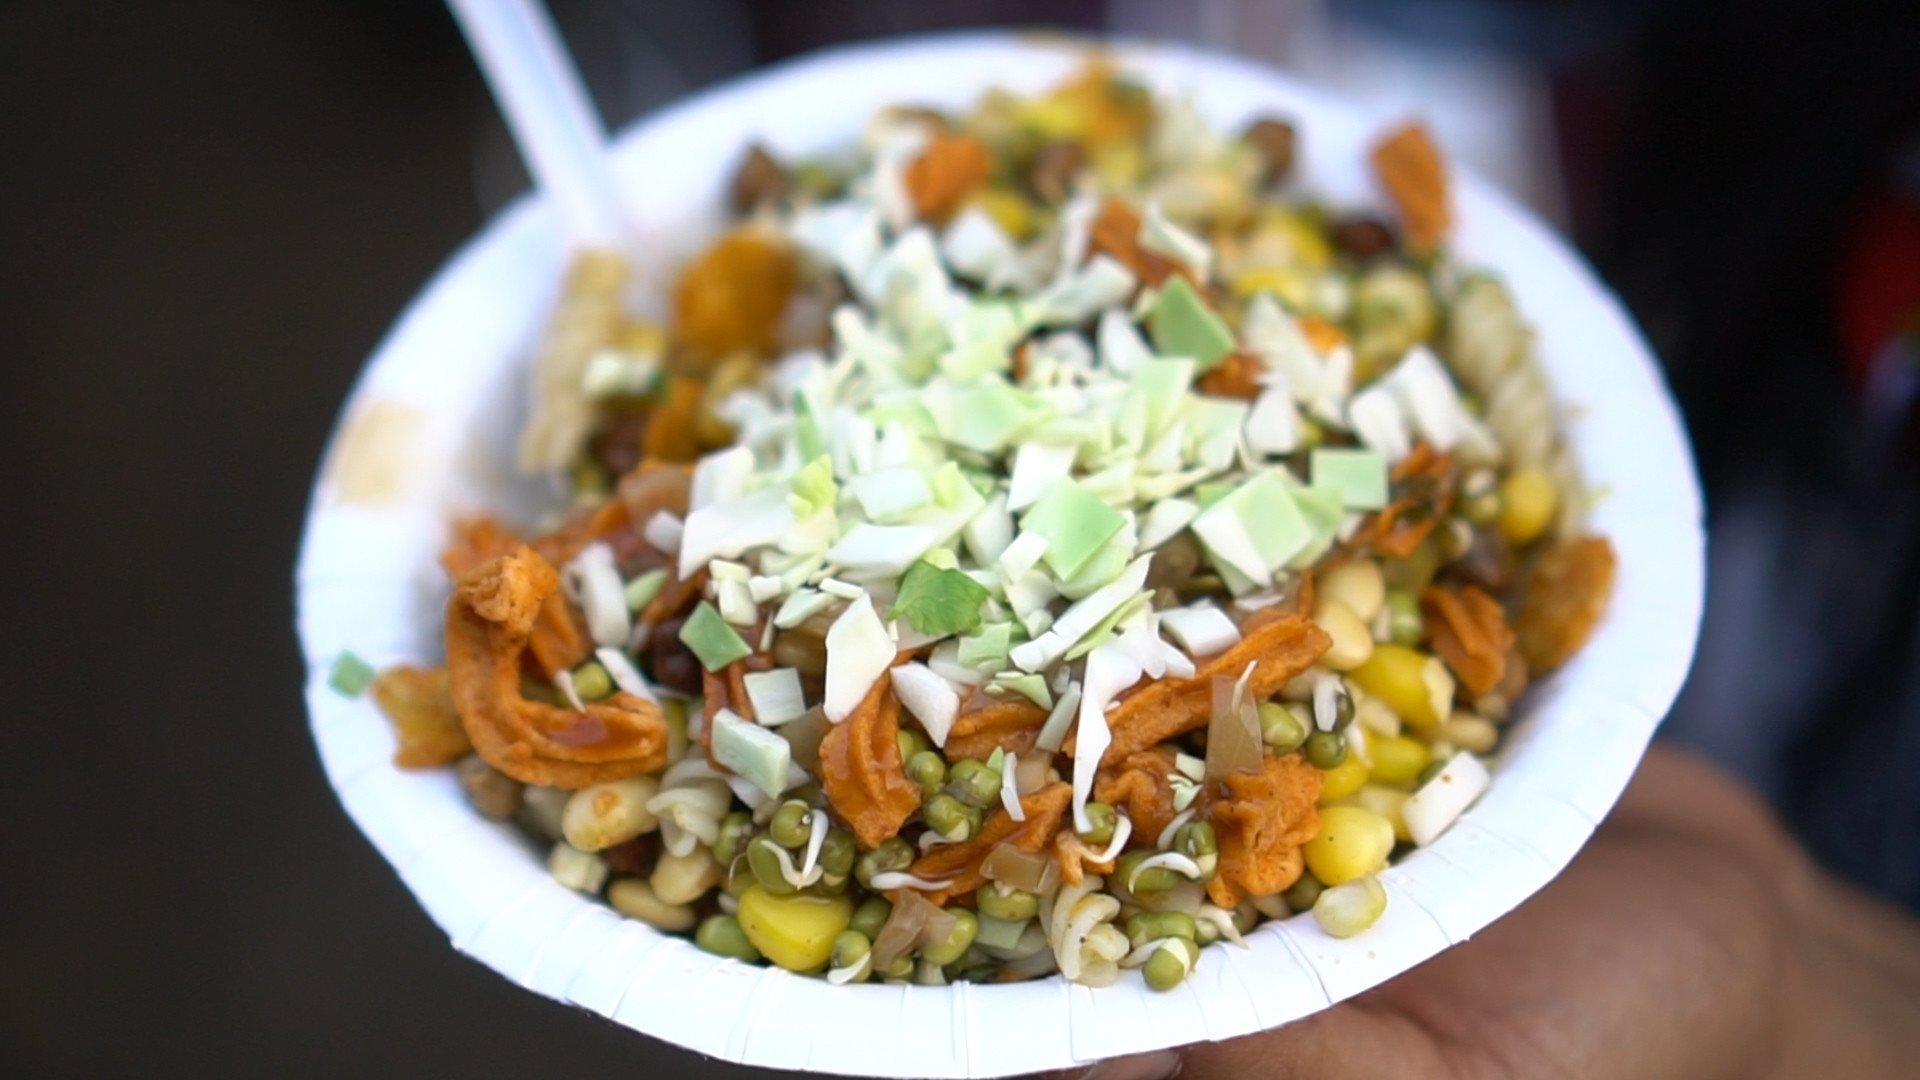 गल्ली बेल्ली: कांदिवली खाऊ गल्ली